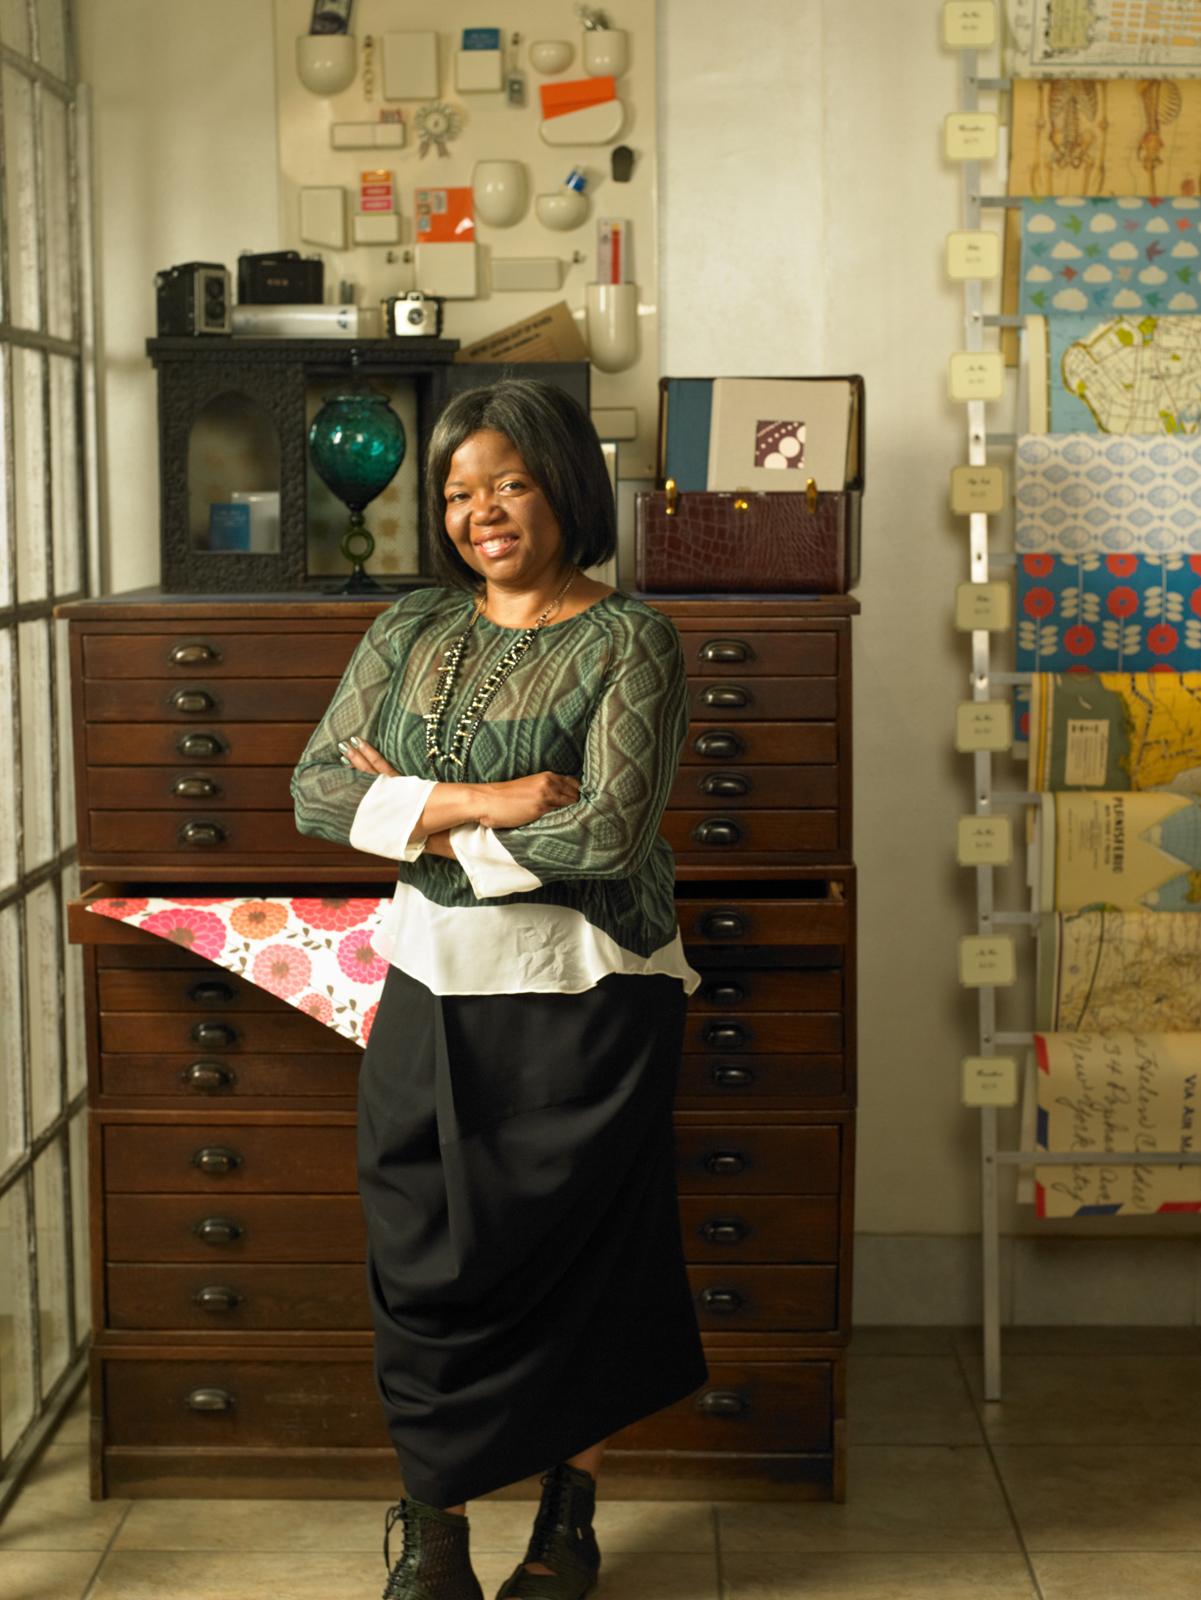 Chandra Greer inside her stationery store Greer